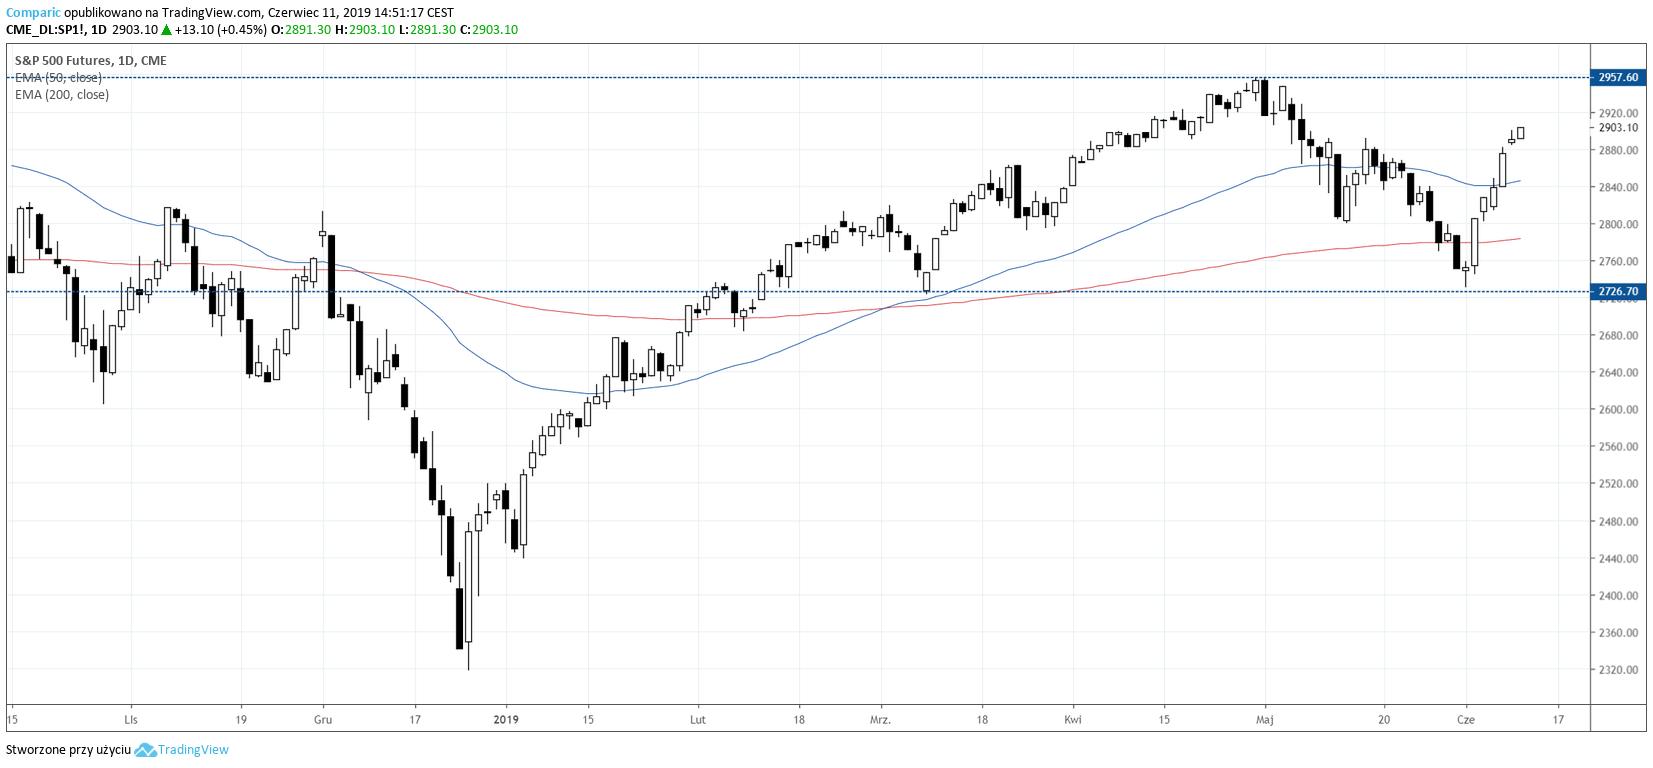 Kontrakty terminowe S&P 500 na wykresie dziennym